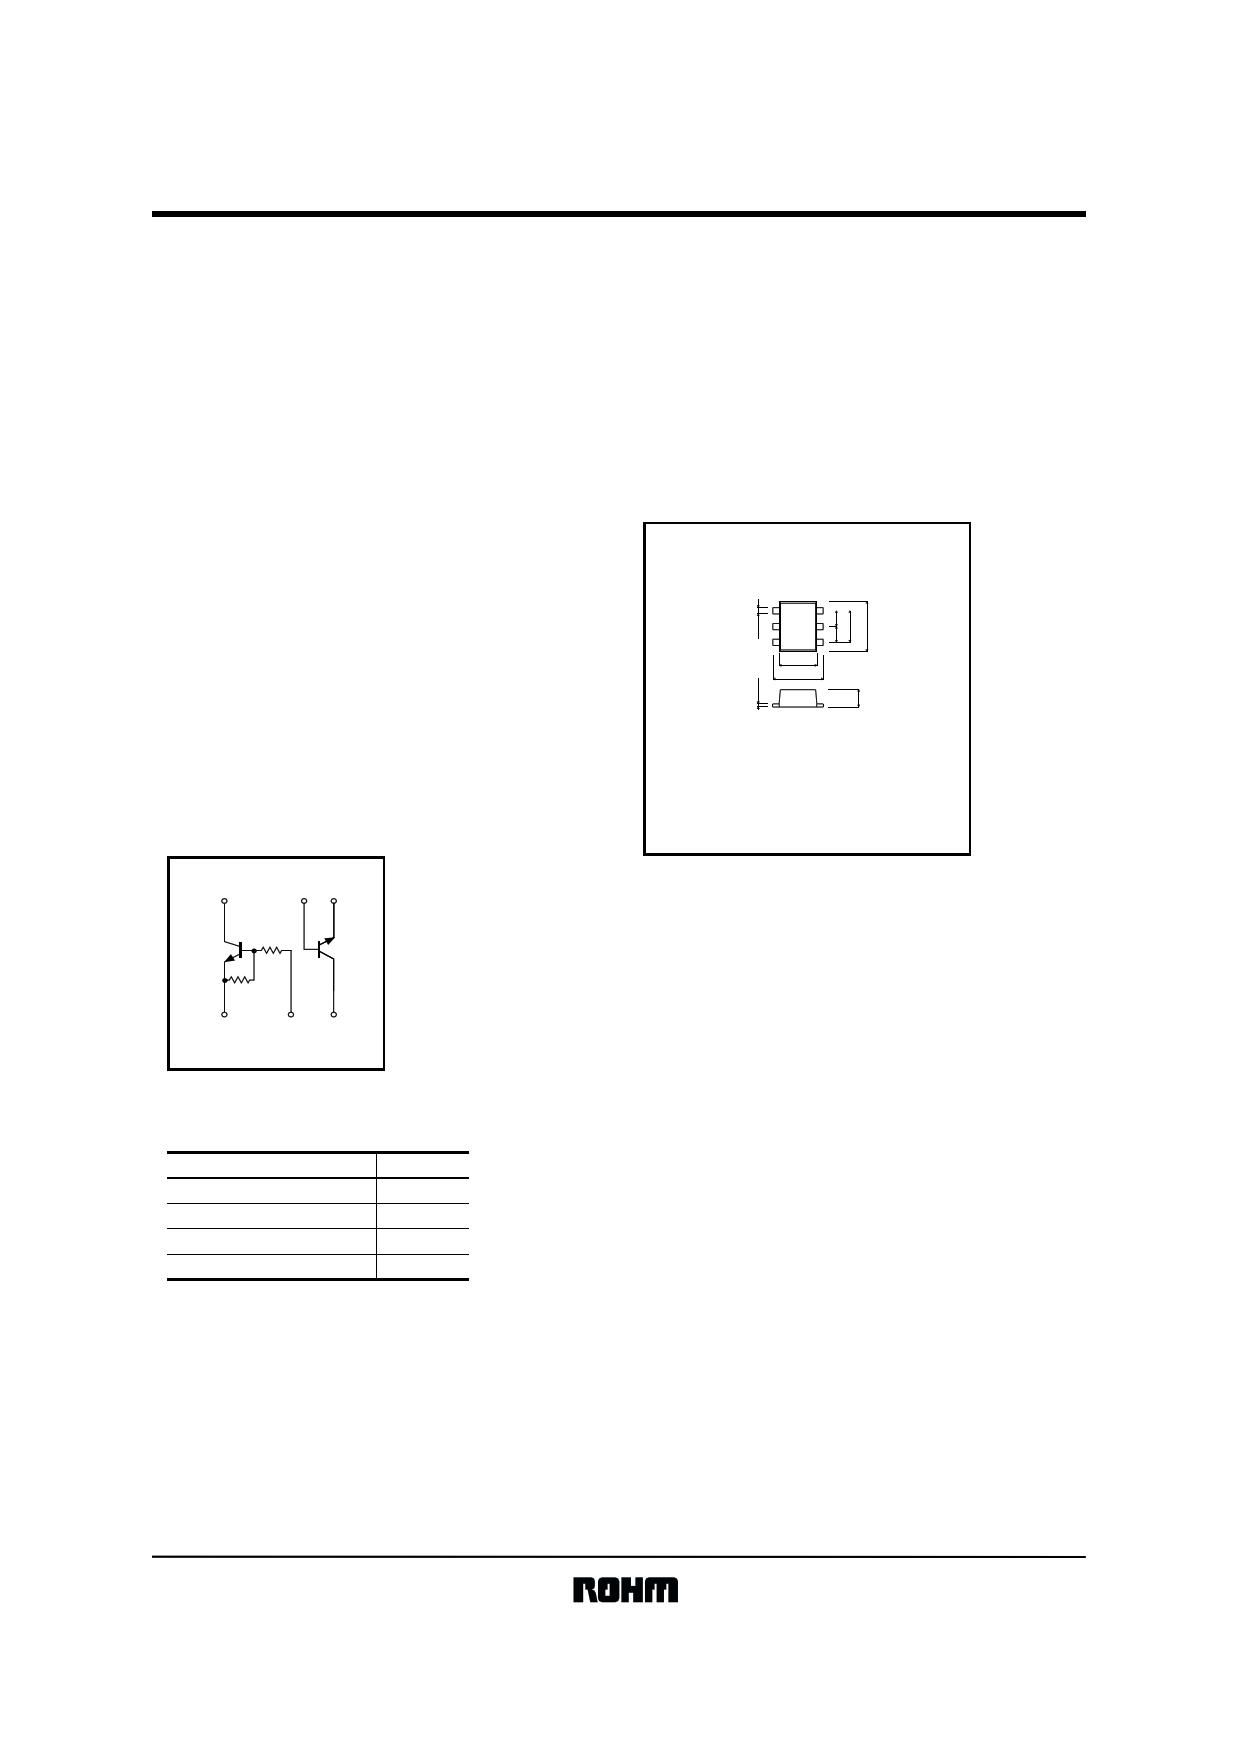 emf7 datasheet pdf   pinout